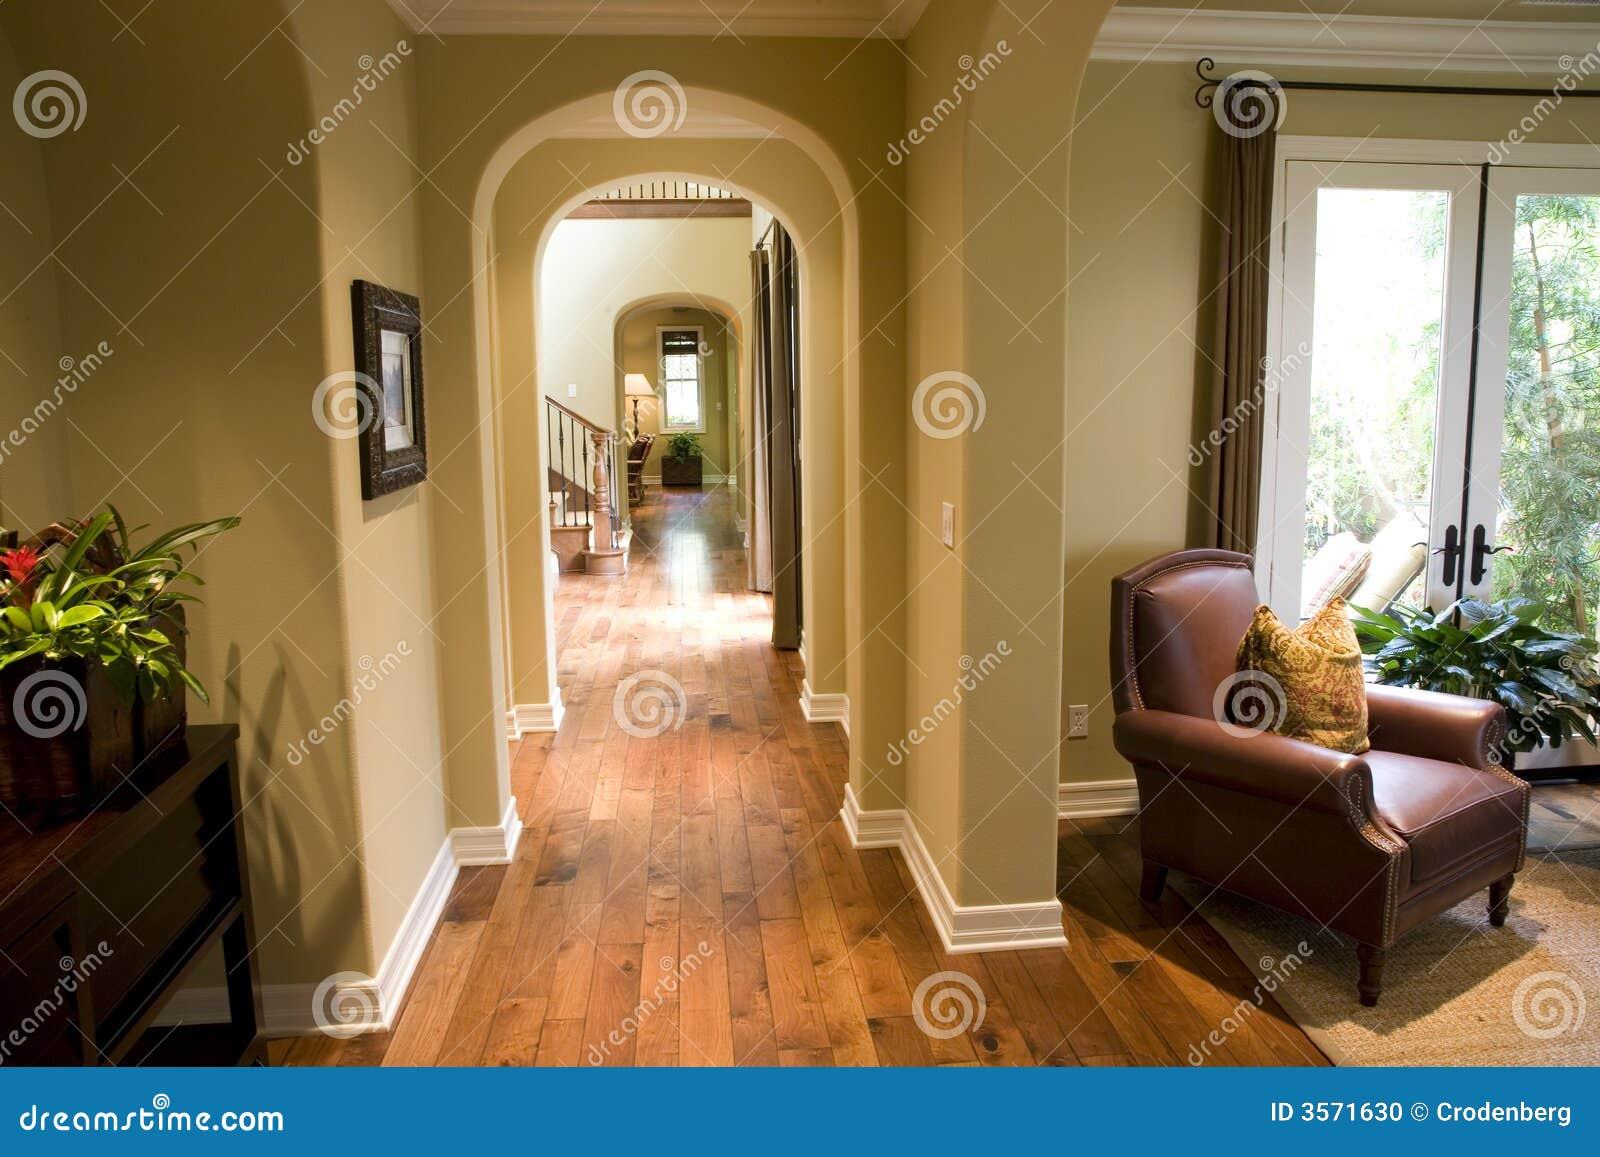 Corridoio del palazzo